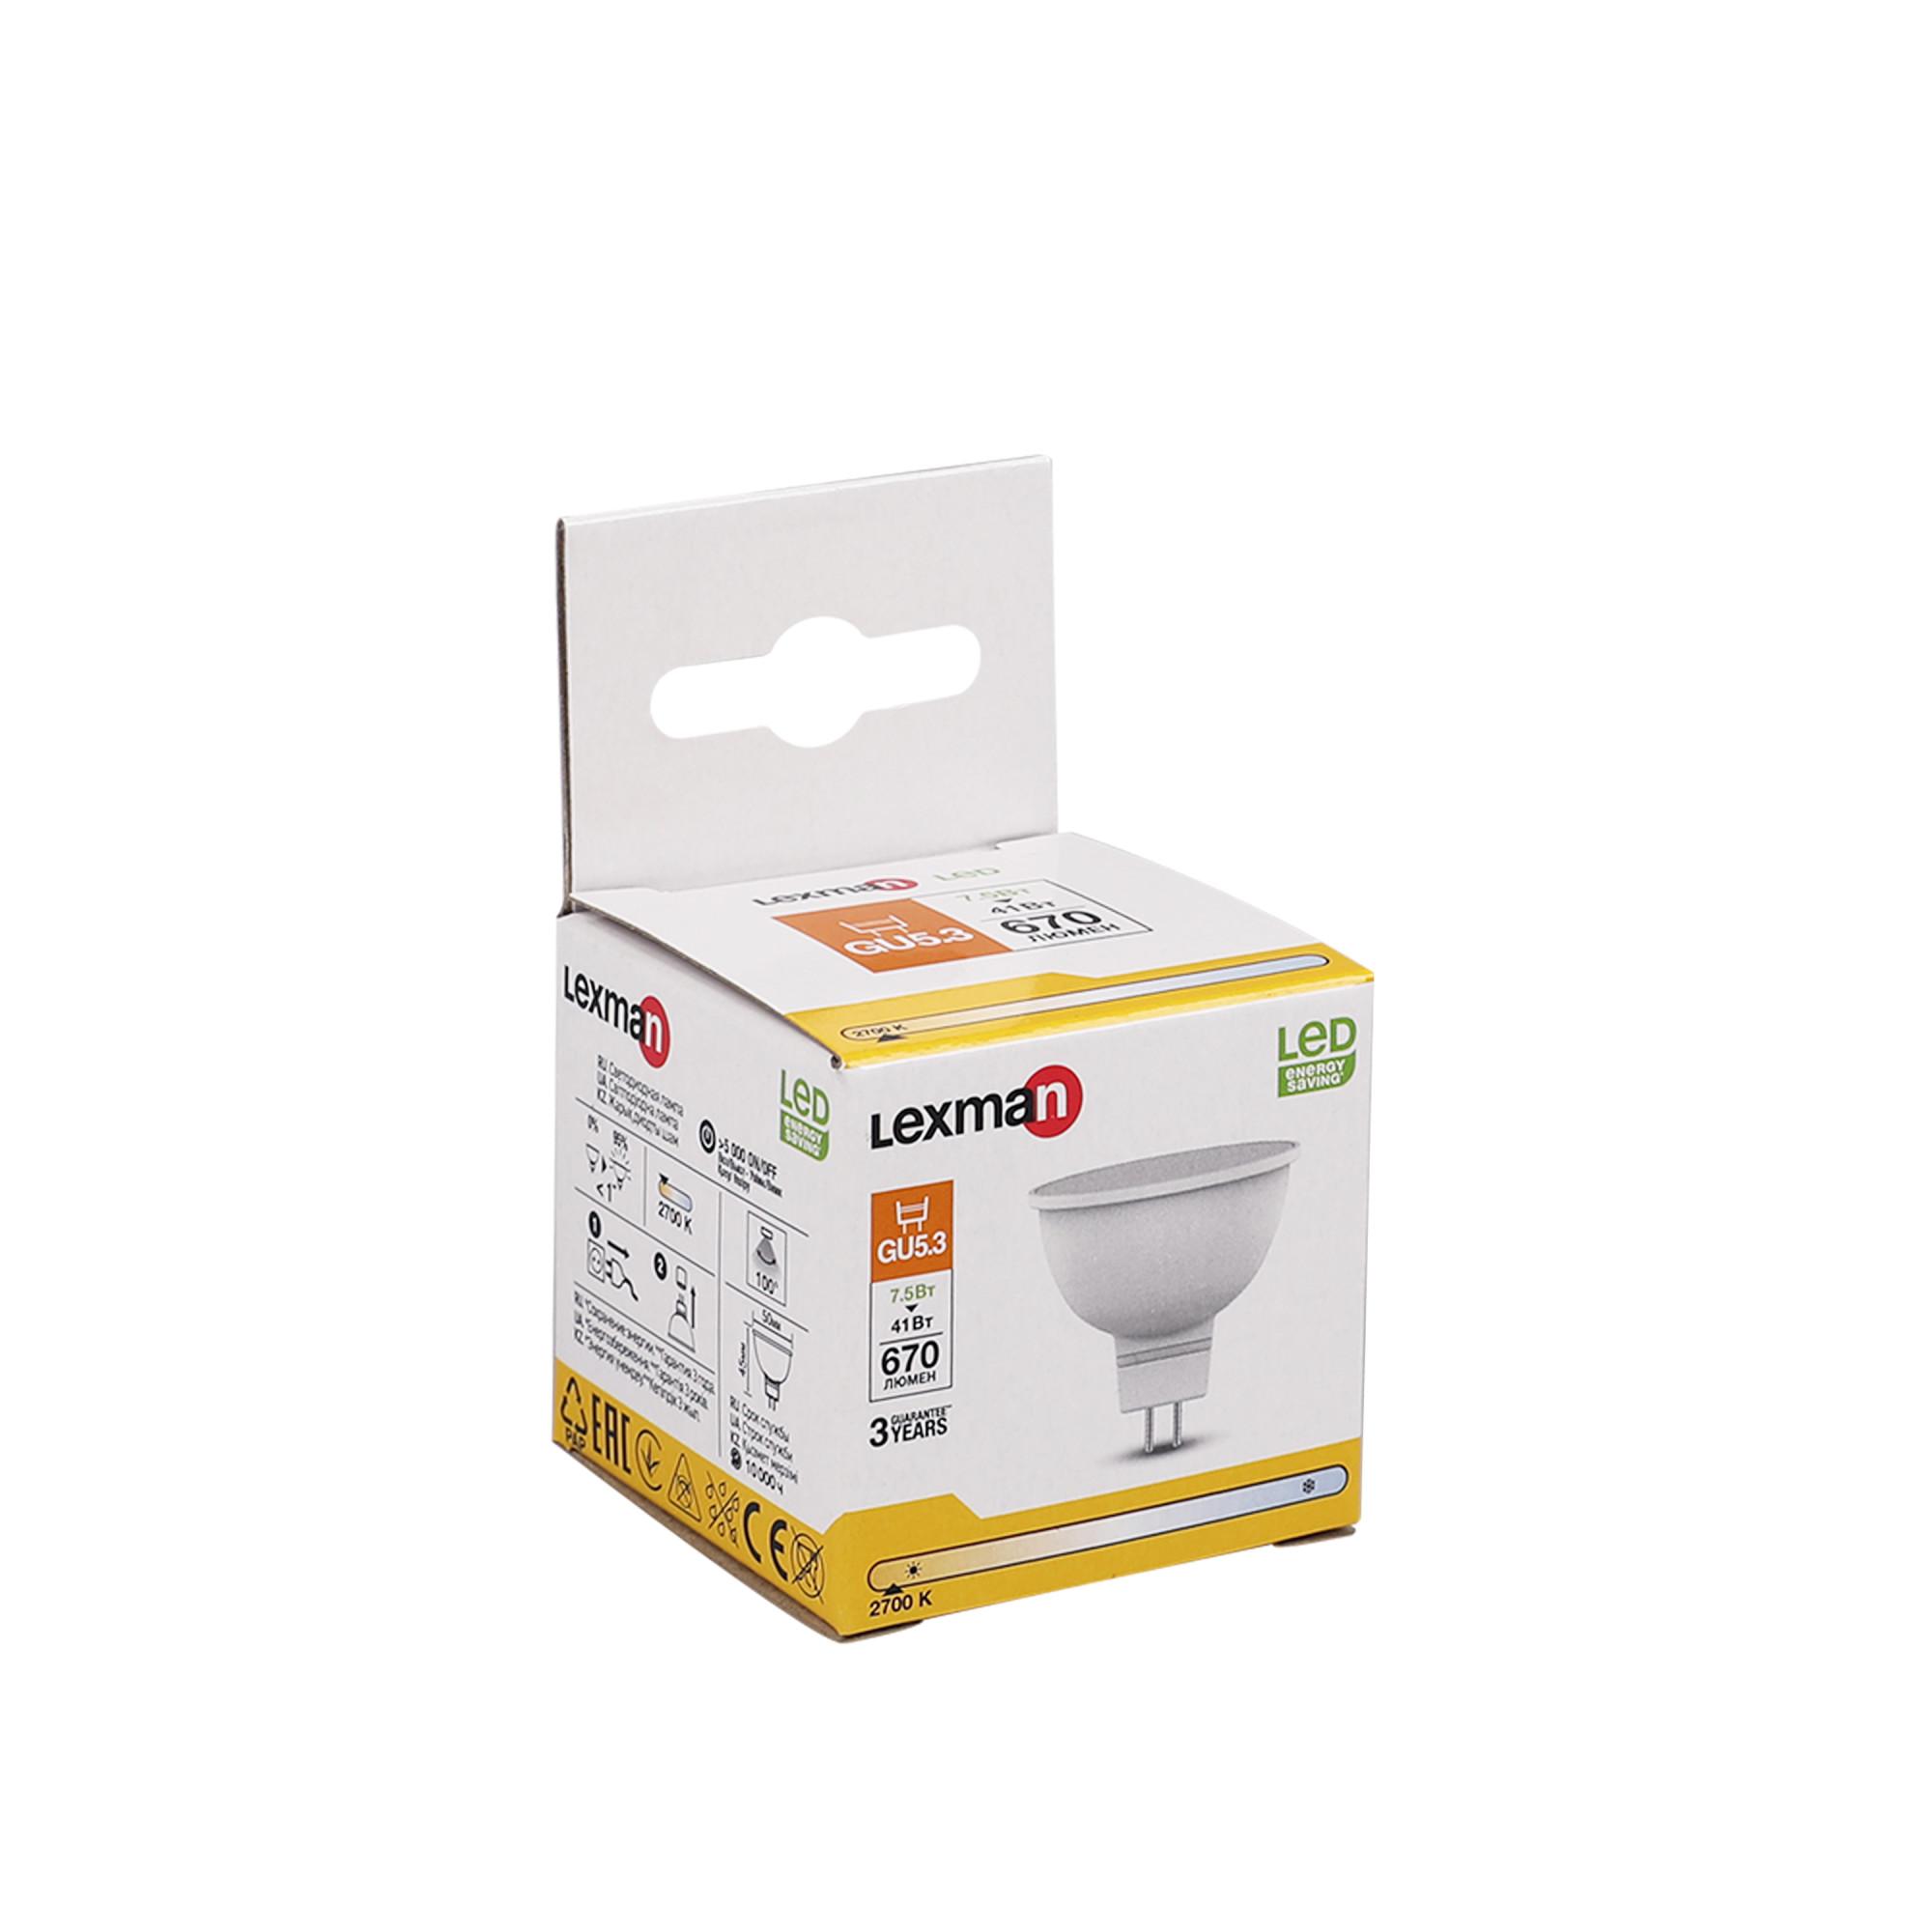 Лампа светодиодная Lexman GU5.3 7.5 Вт спот матовая 670 лм тёплый белый свет